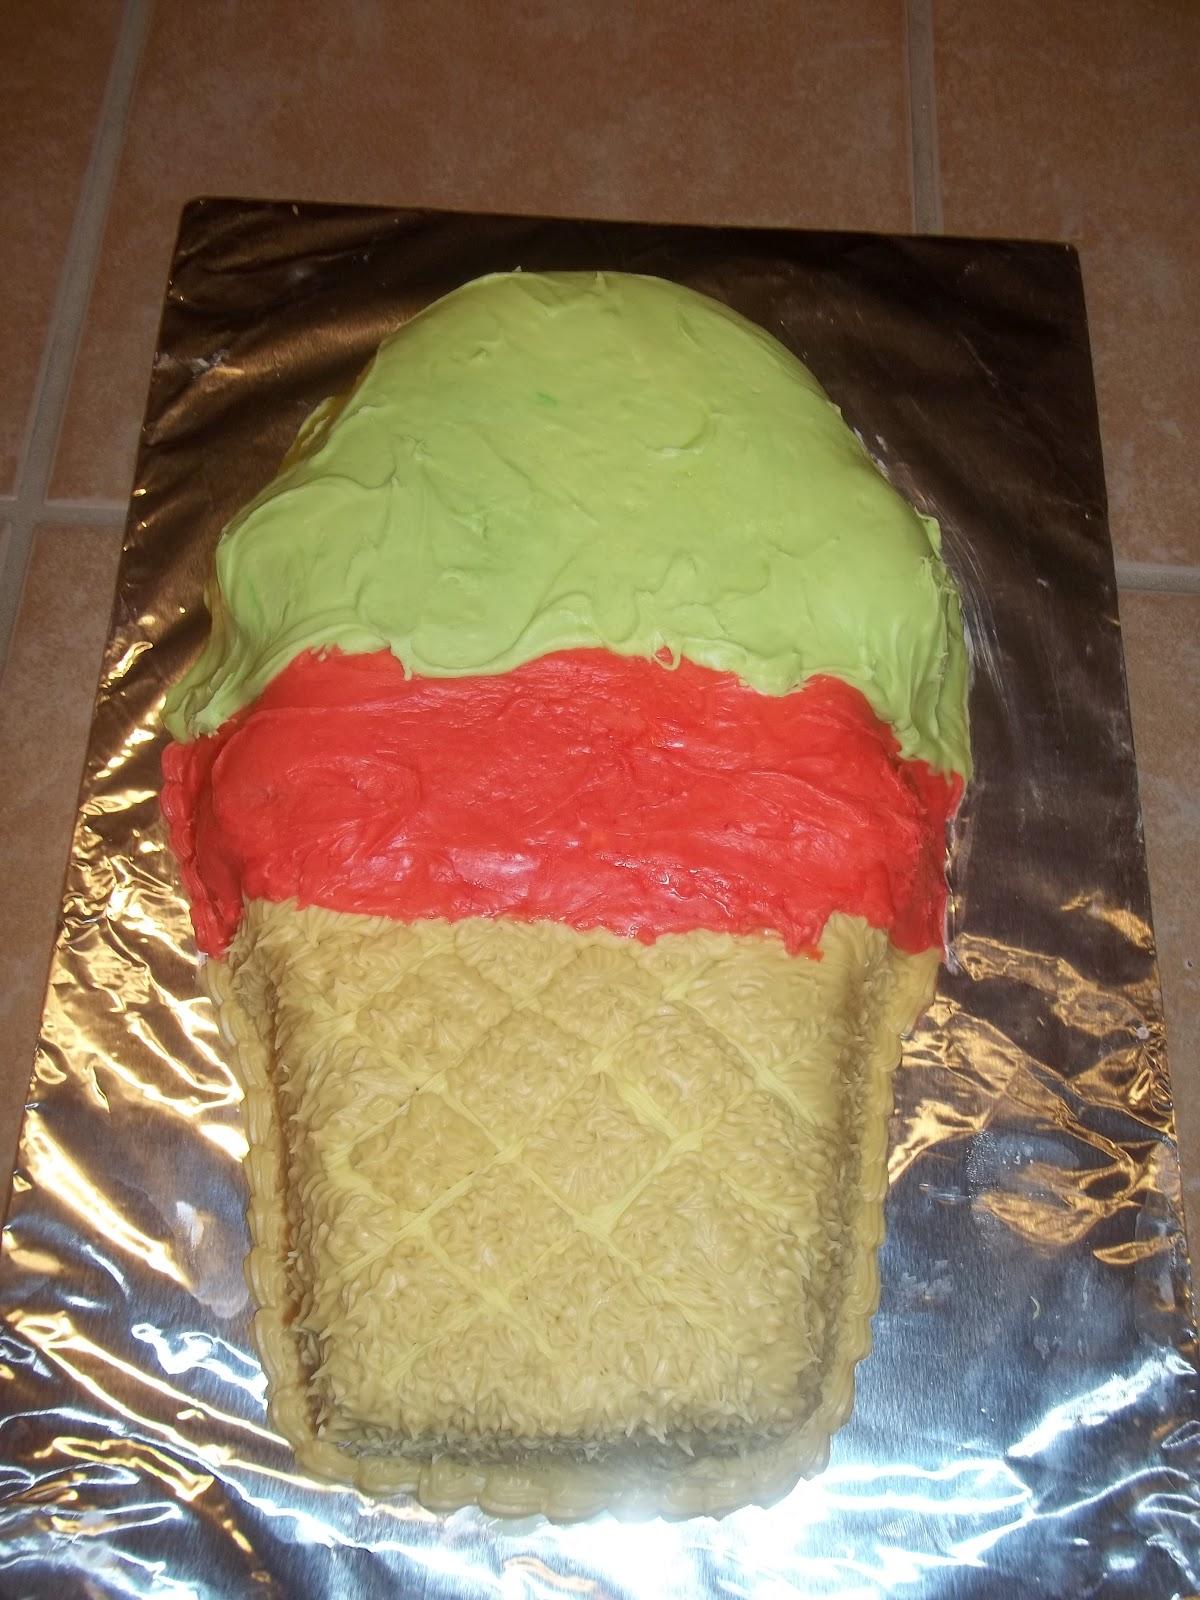 Ice Cream Shaped Cake : Amazing Cakes by Ade: Ice cream shaped cake